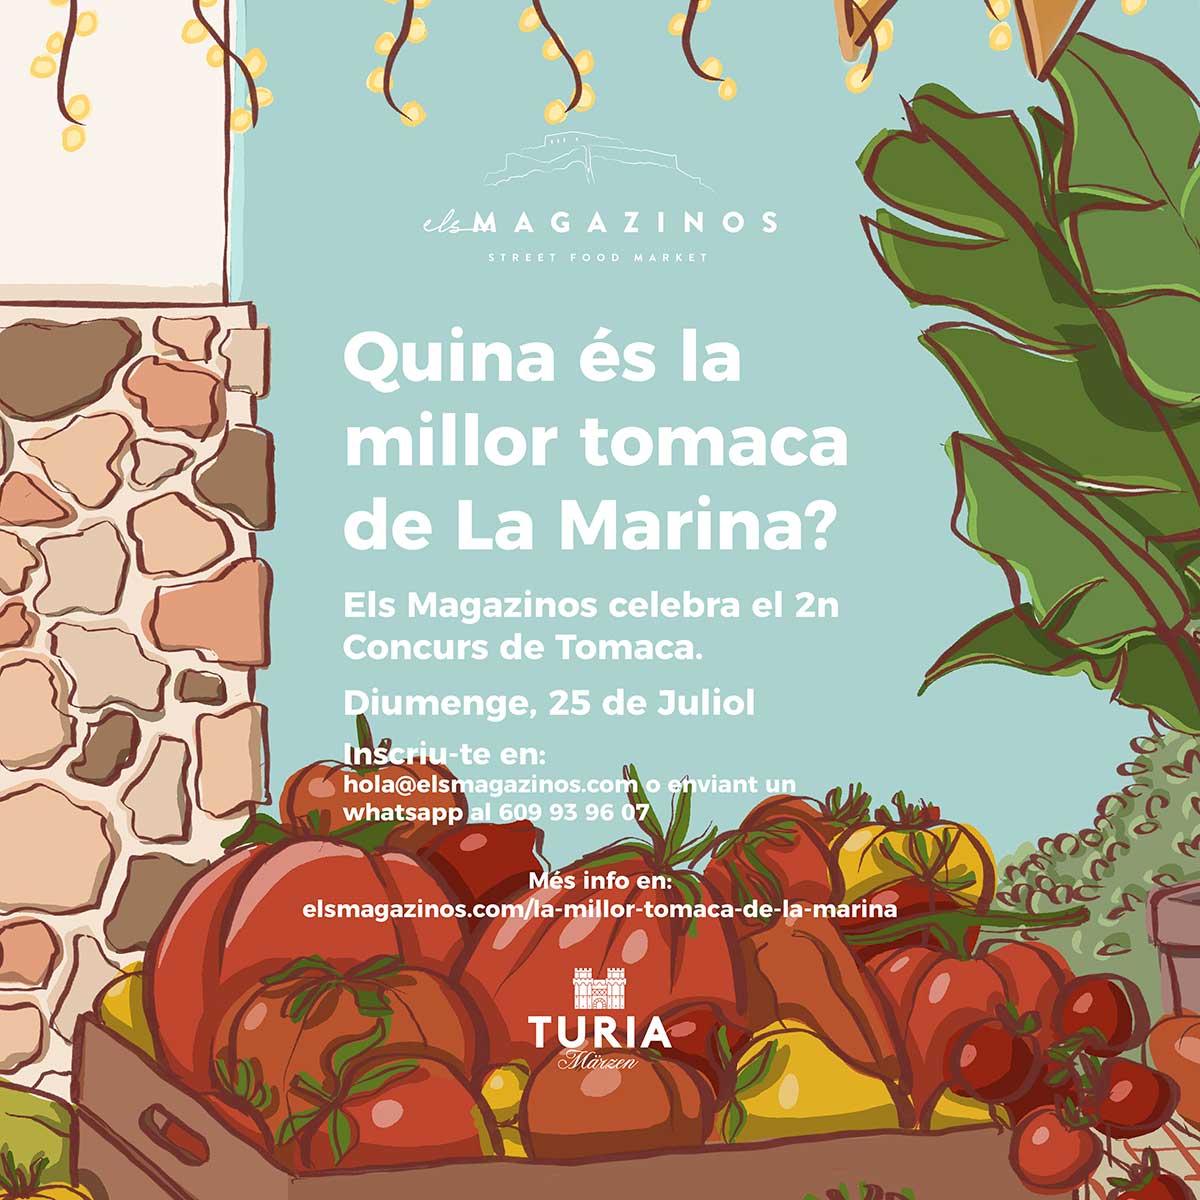 Concurso-La-millor-tomaca-de-La-Marina-2021-1a